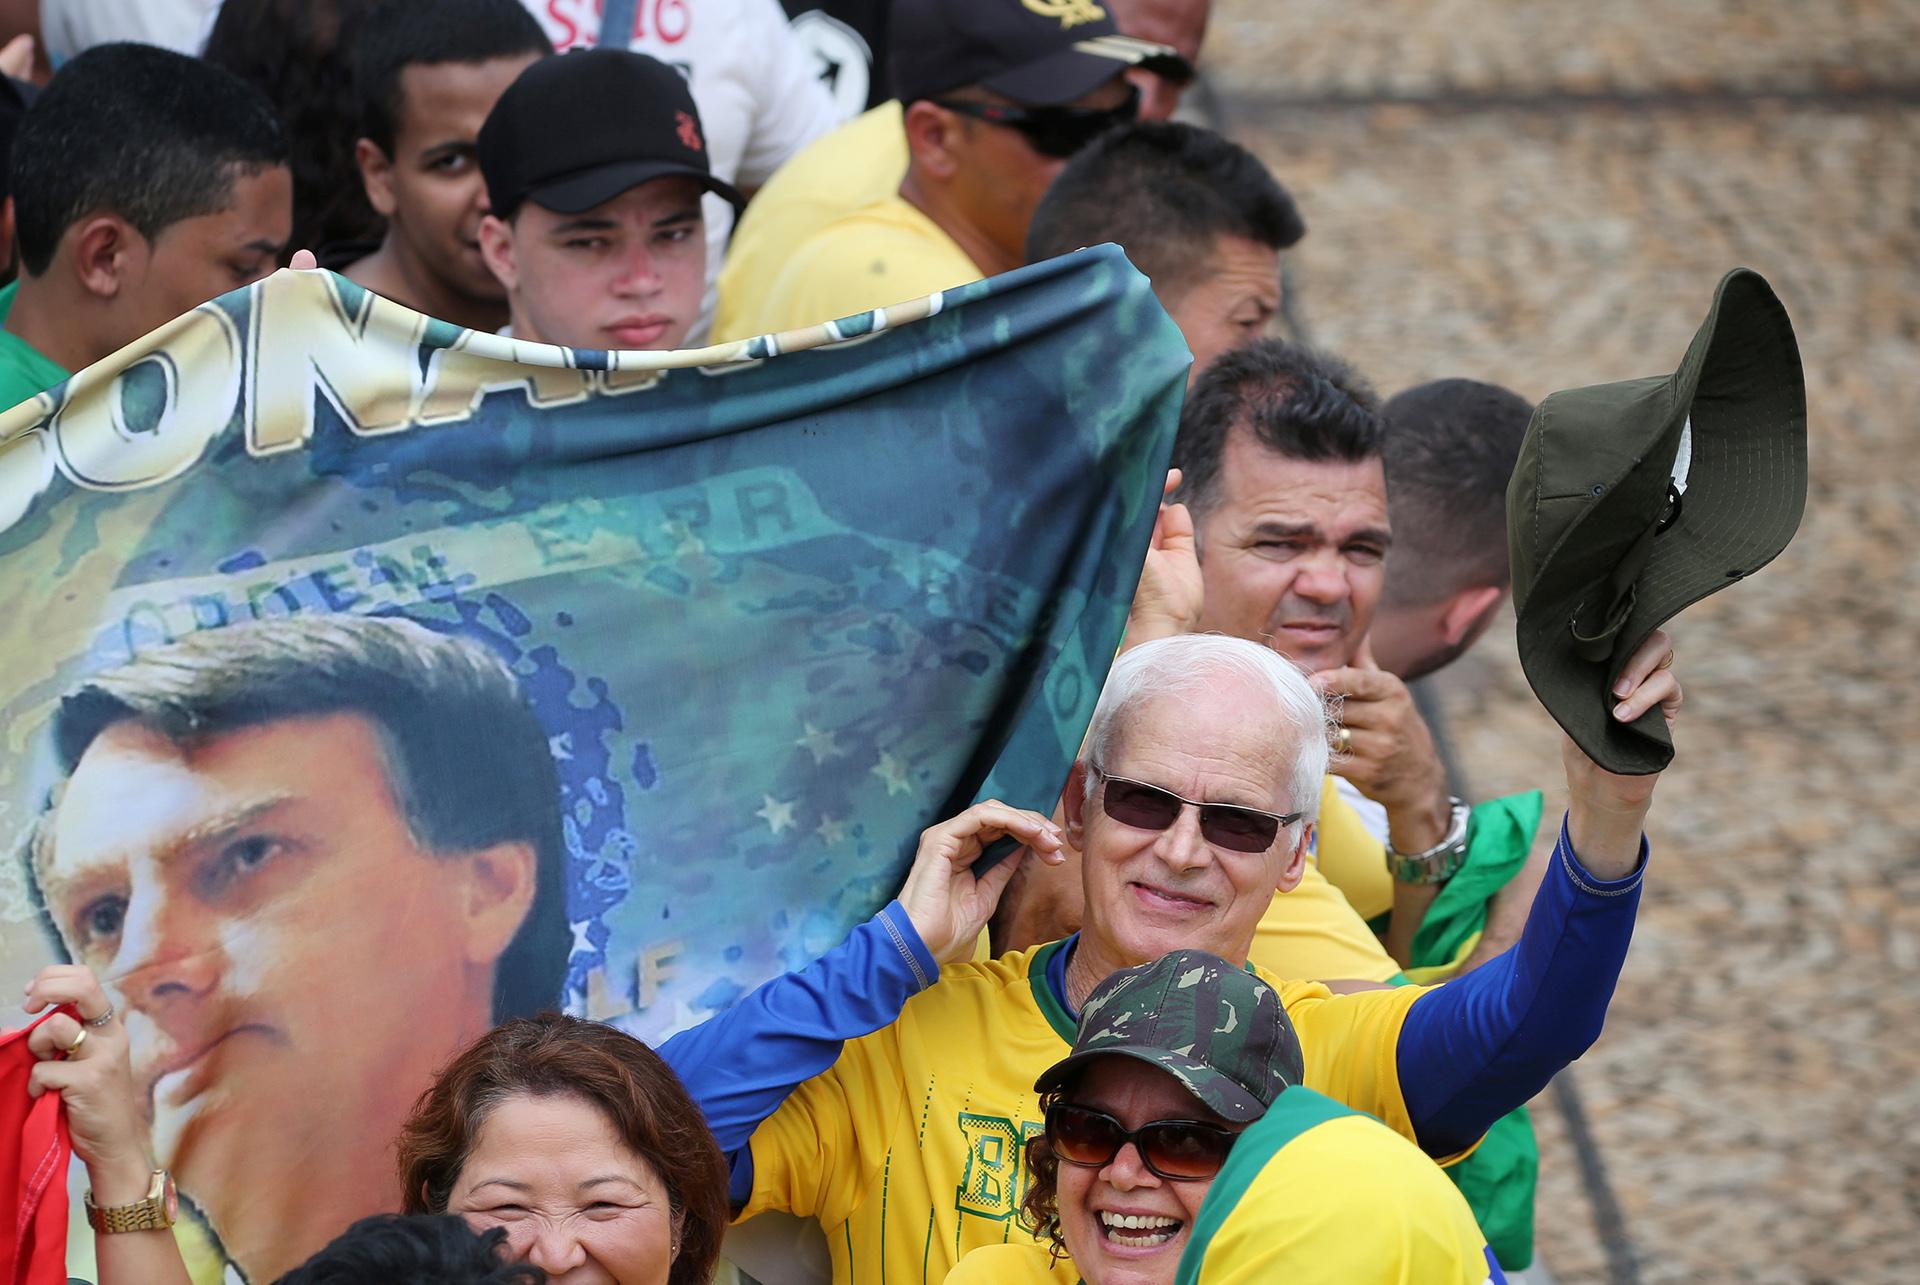 Los seguidores del capitán del Ejército mostraron su felicidad (REUTERS/Sergio Moraes)